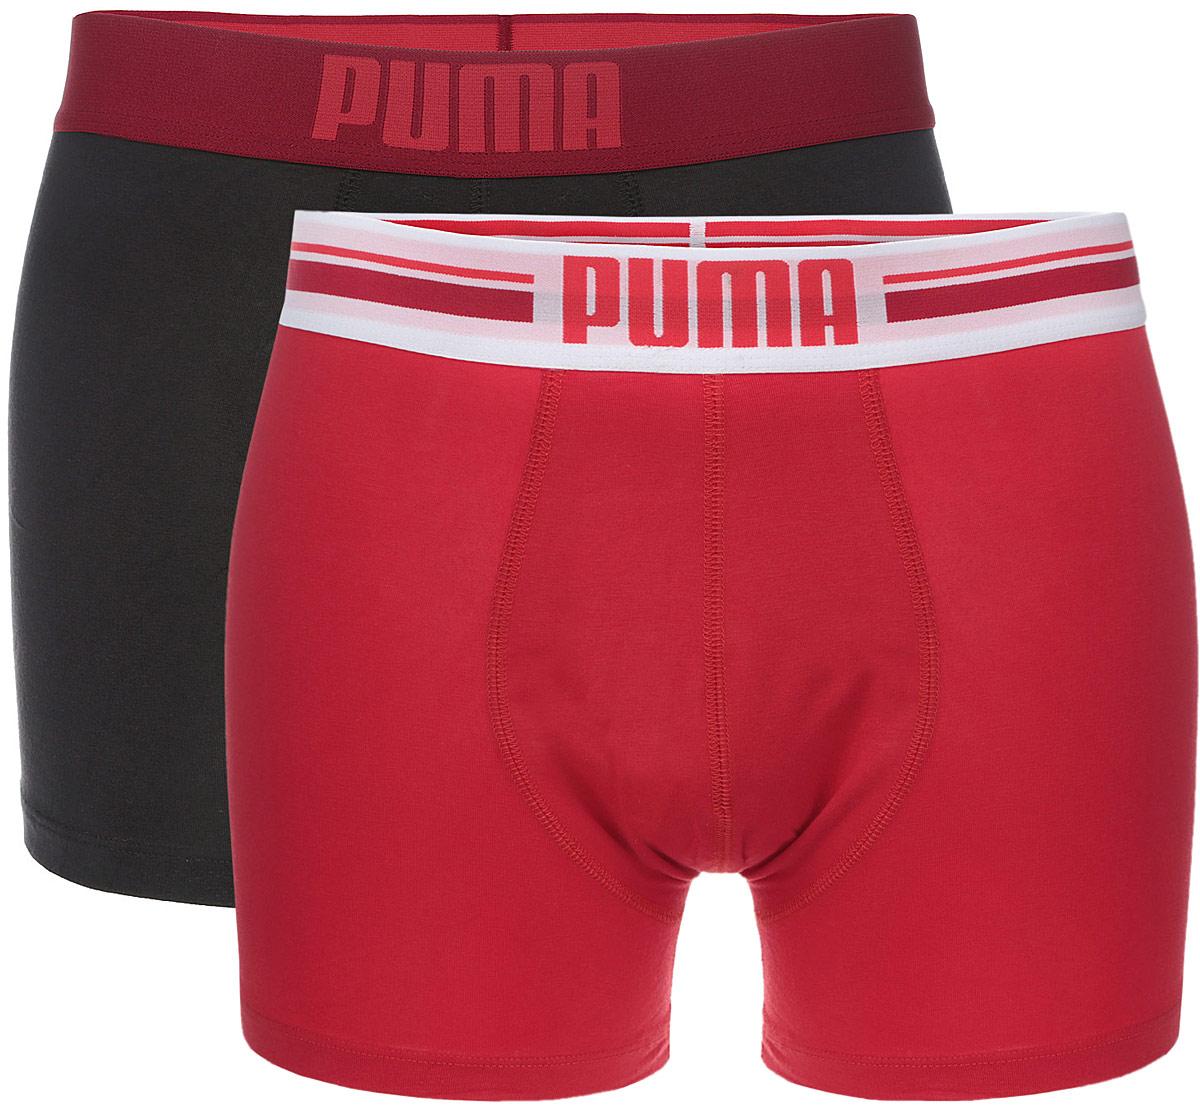 Трусы мужские Puma Placed Logo Boxer 2P, 2 шт. 906519090651901Комплект классических трусов-боксеров Puma Placed Logo Boxer 2P на широкой резинке с надписью логотипа бренда по поясу. Тонкие, мягкие, нежные и приятные к телу, трусы подходят к любой фигуре и будут незаметны под одеждой. Модель создана для тех, кто предпочитает комфорт, практичность и современный дизайн. В комплекте 2 шт.